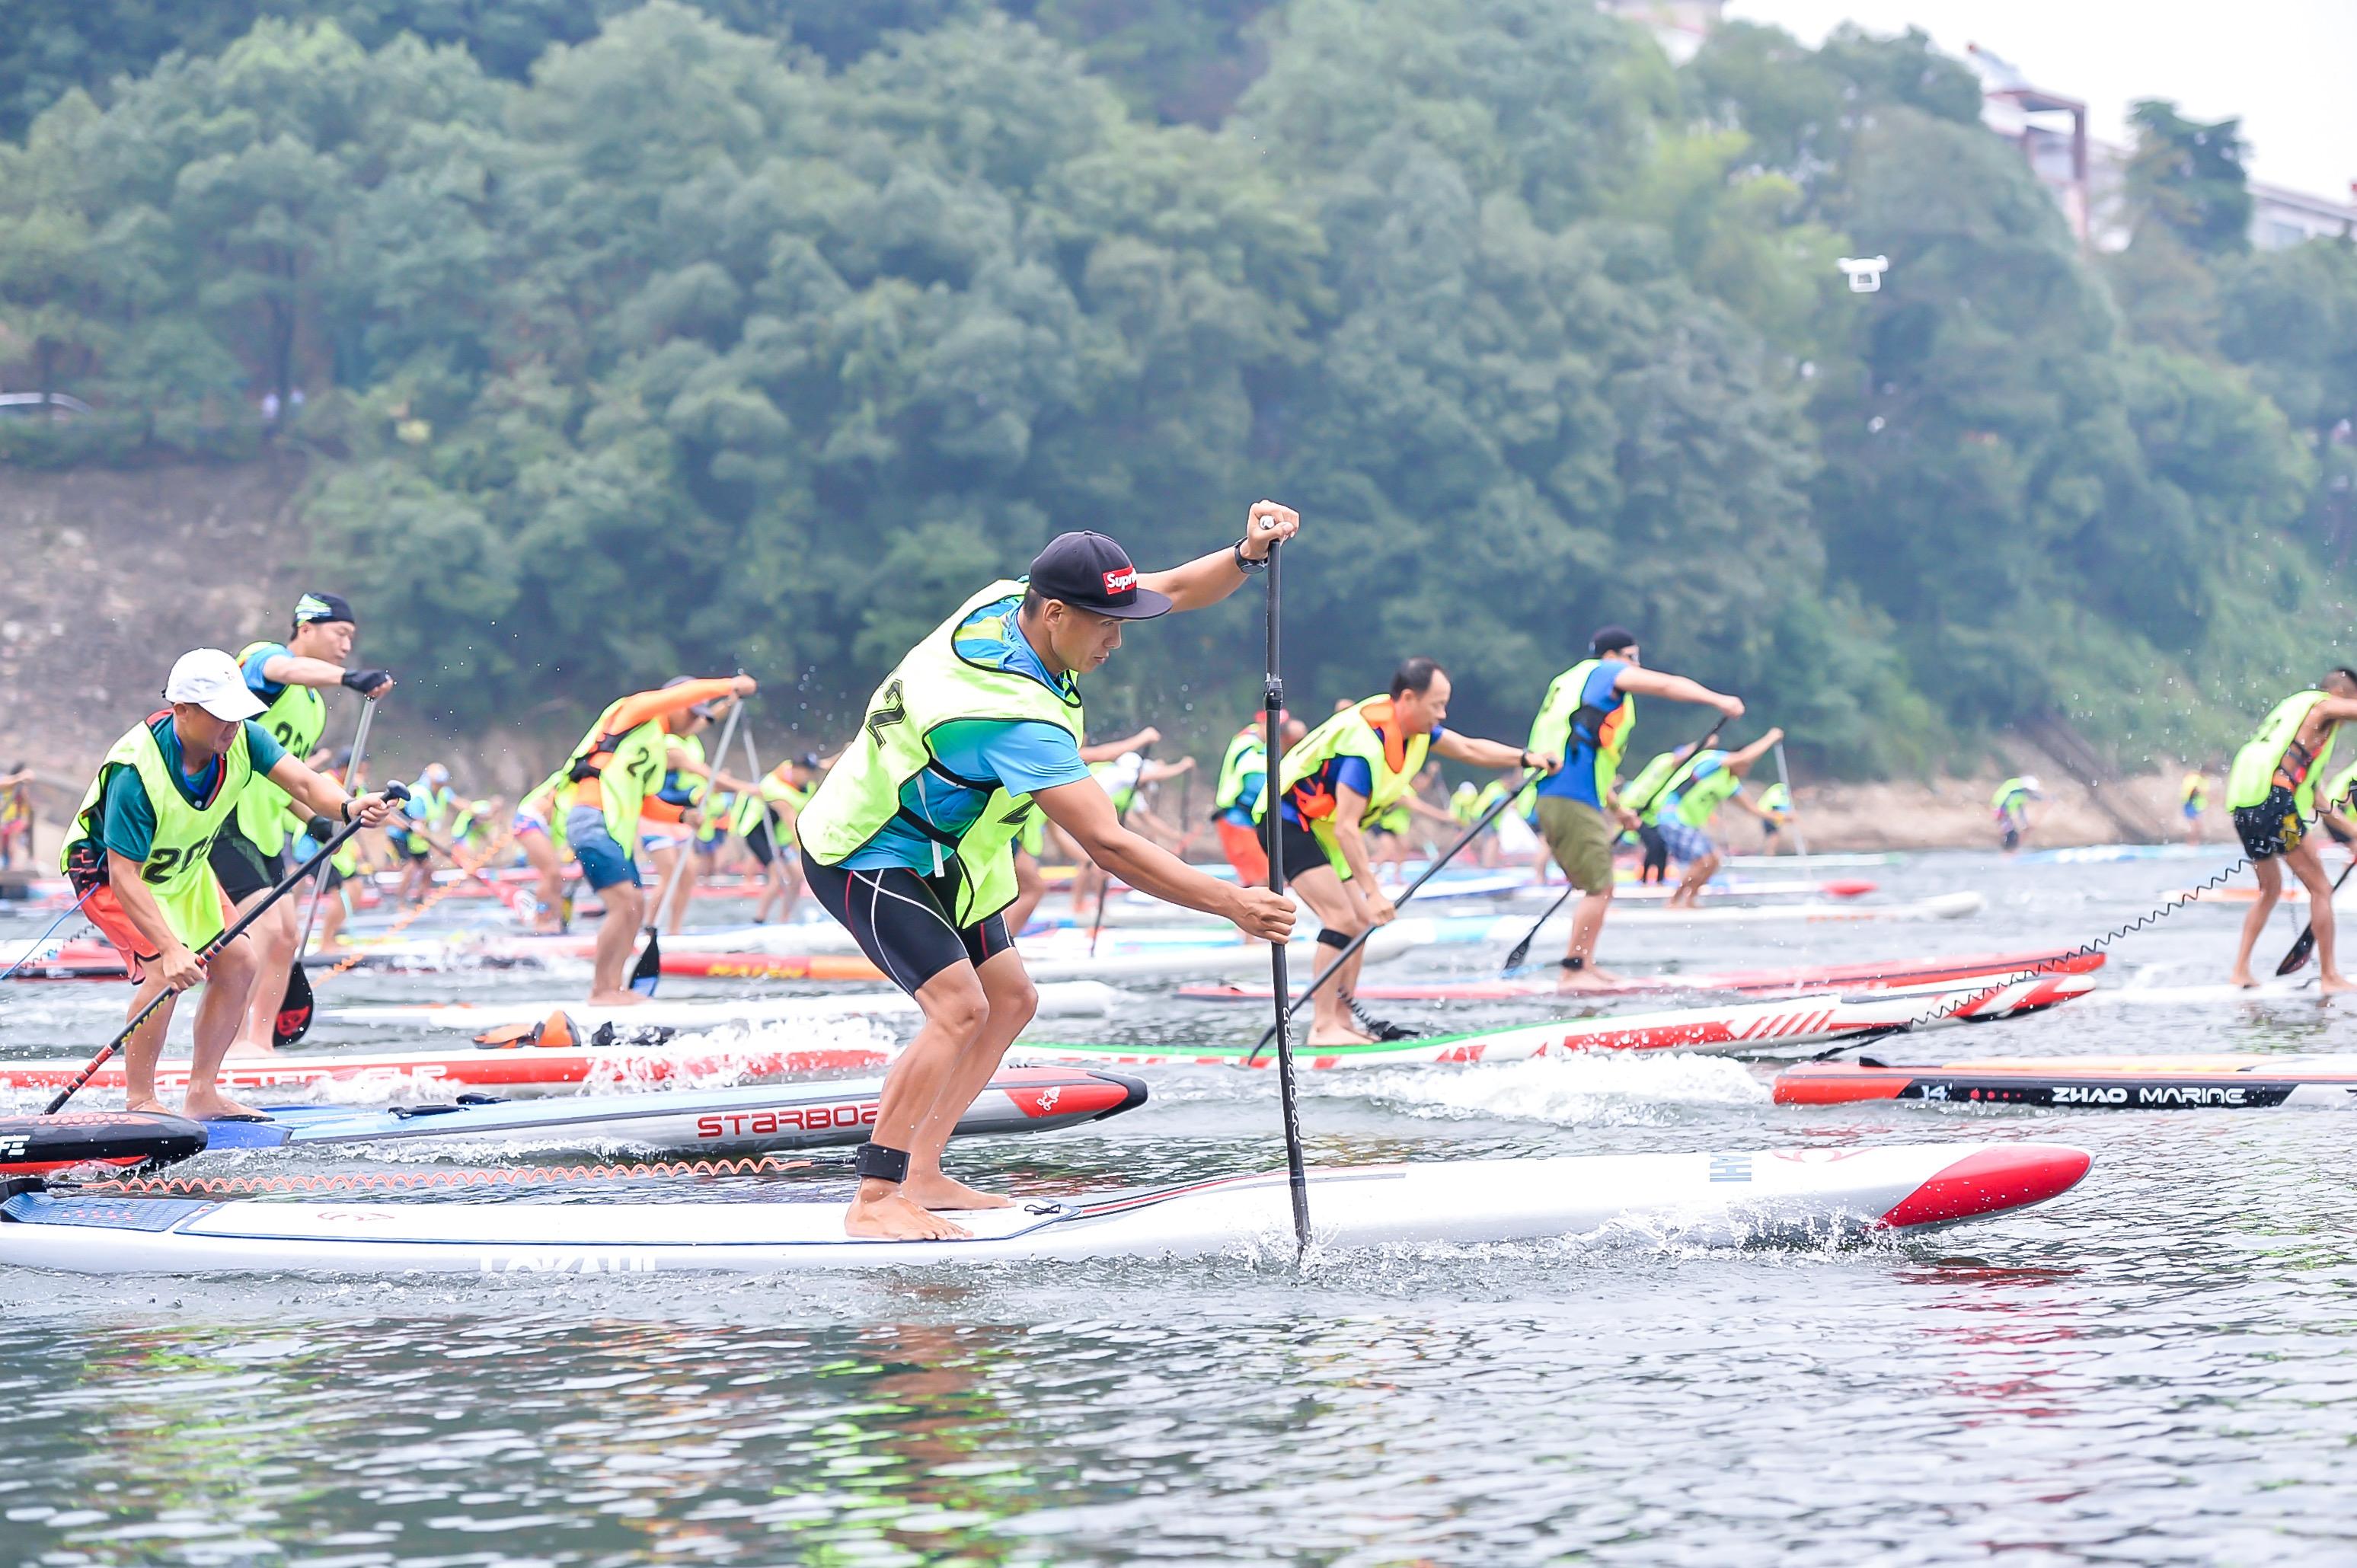 536名赛手齐聚鱼形湖 共创国内最大规模桨板赛